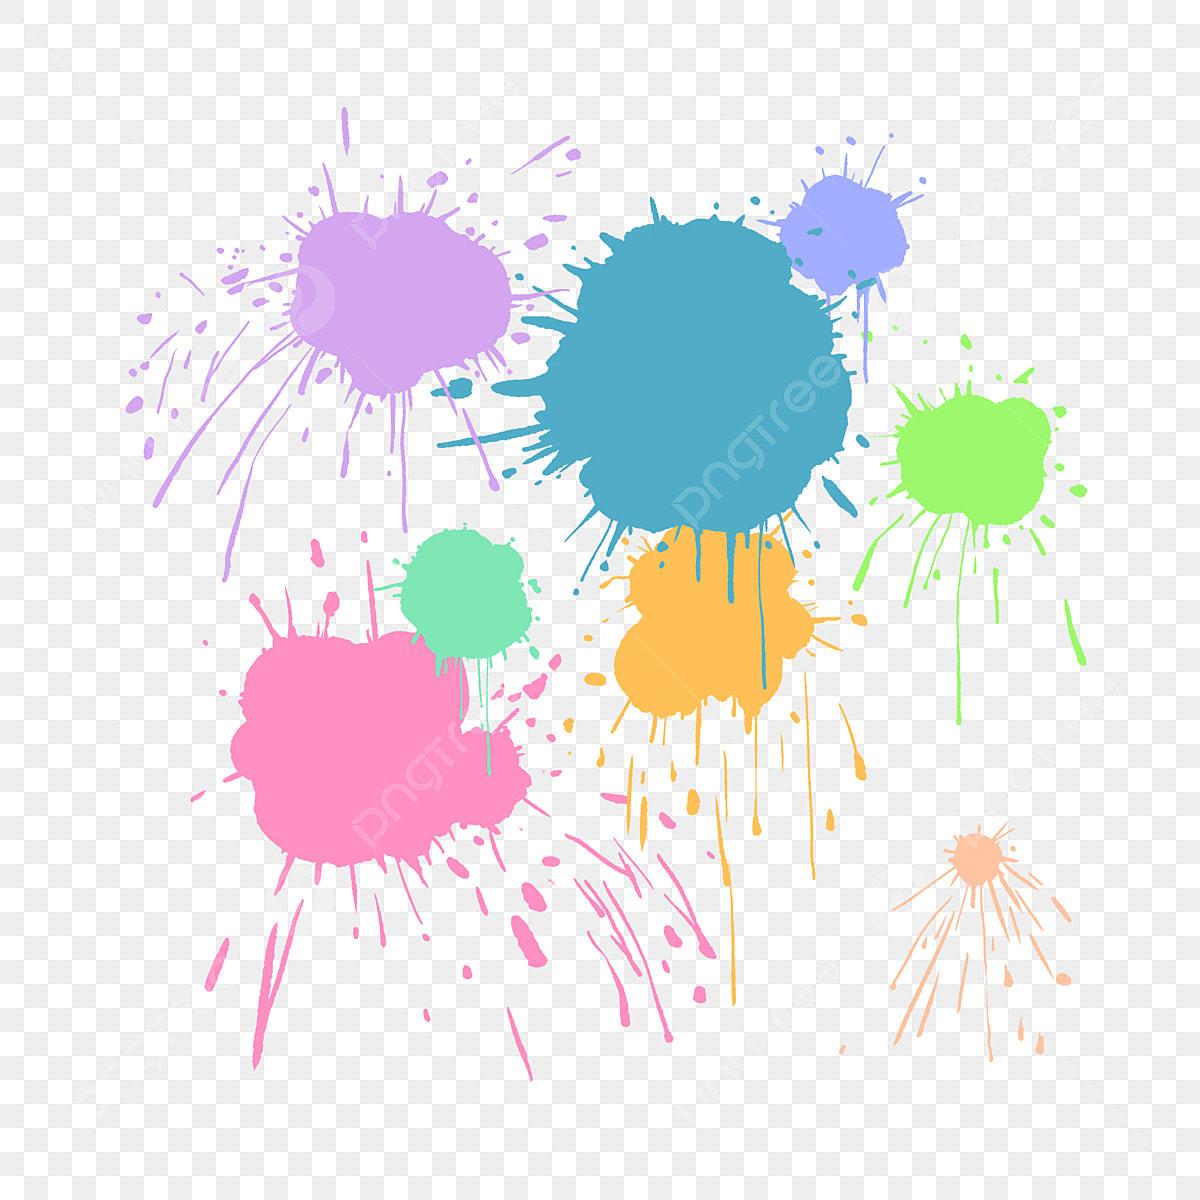 رش البقع الطلاء الملونة نقاط من النقاط لون الحبر امتد الطلاء صب نقطة الديكور المد والجزر أصباغ اللون البقع